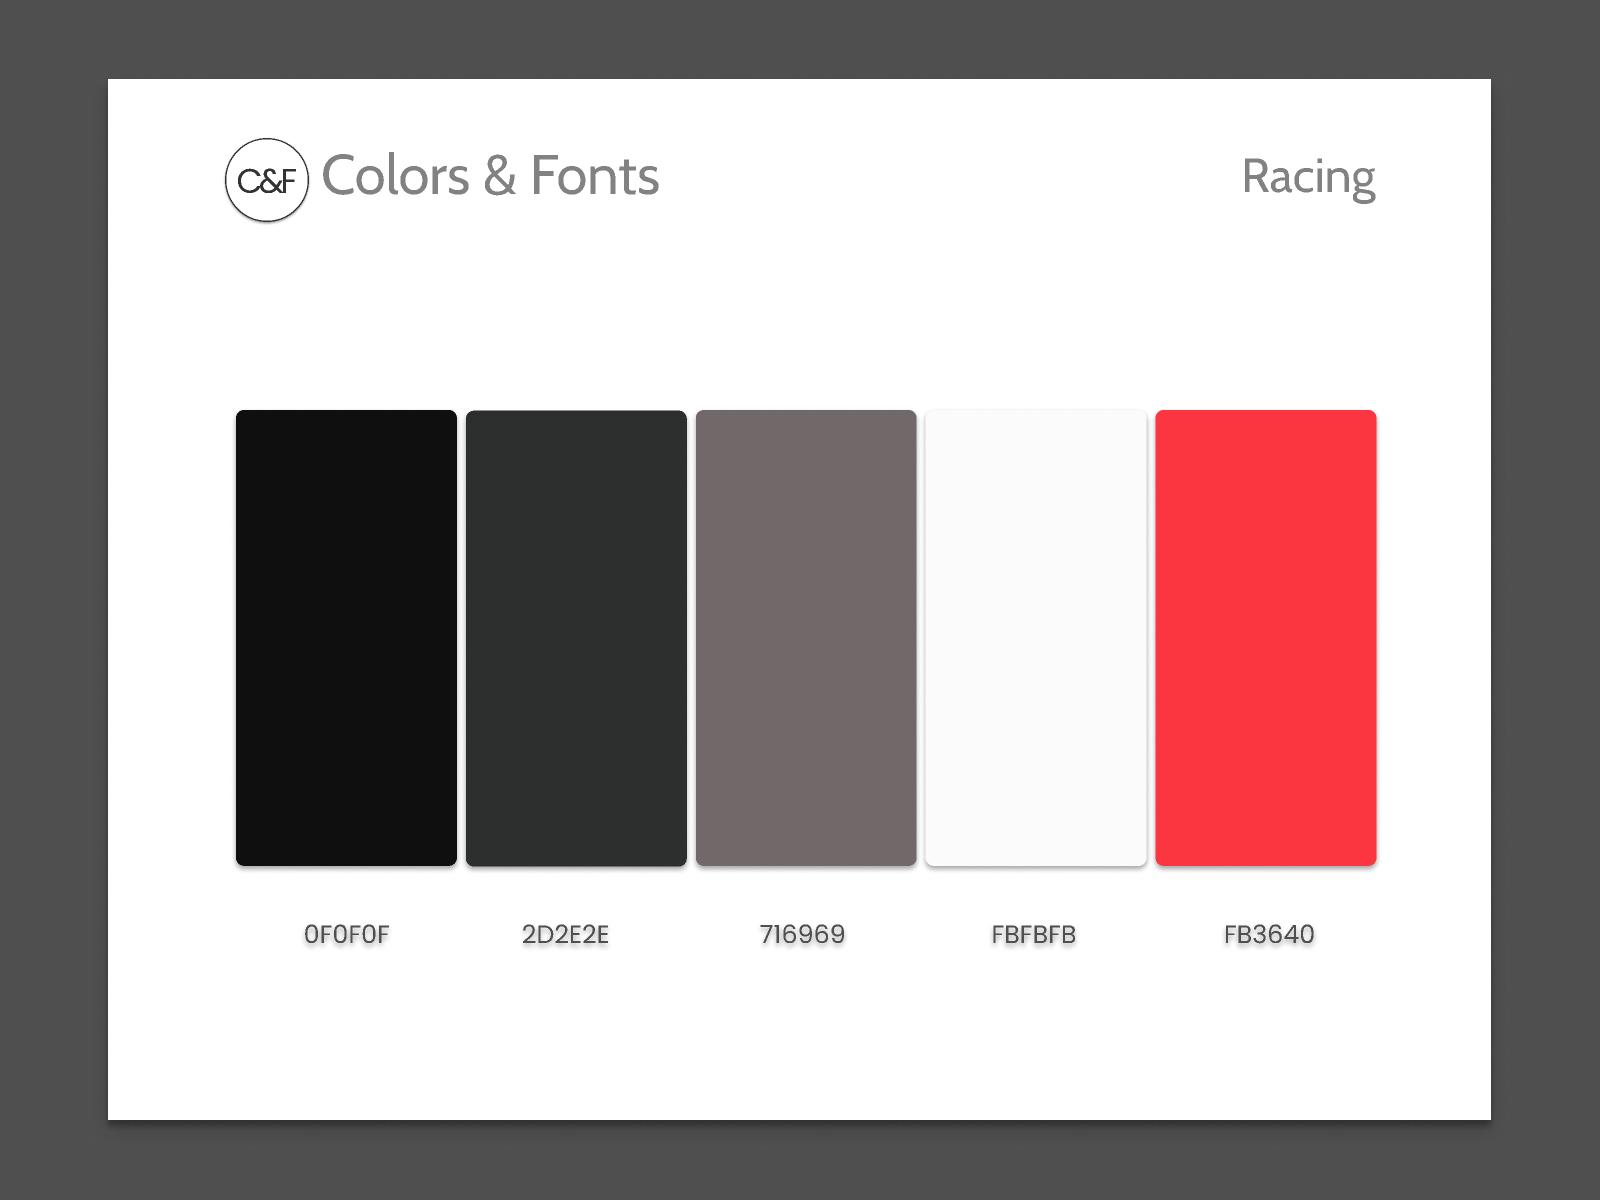 Colors & Fonts - Racing